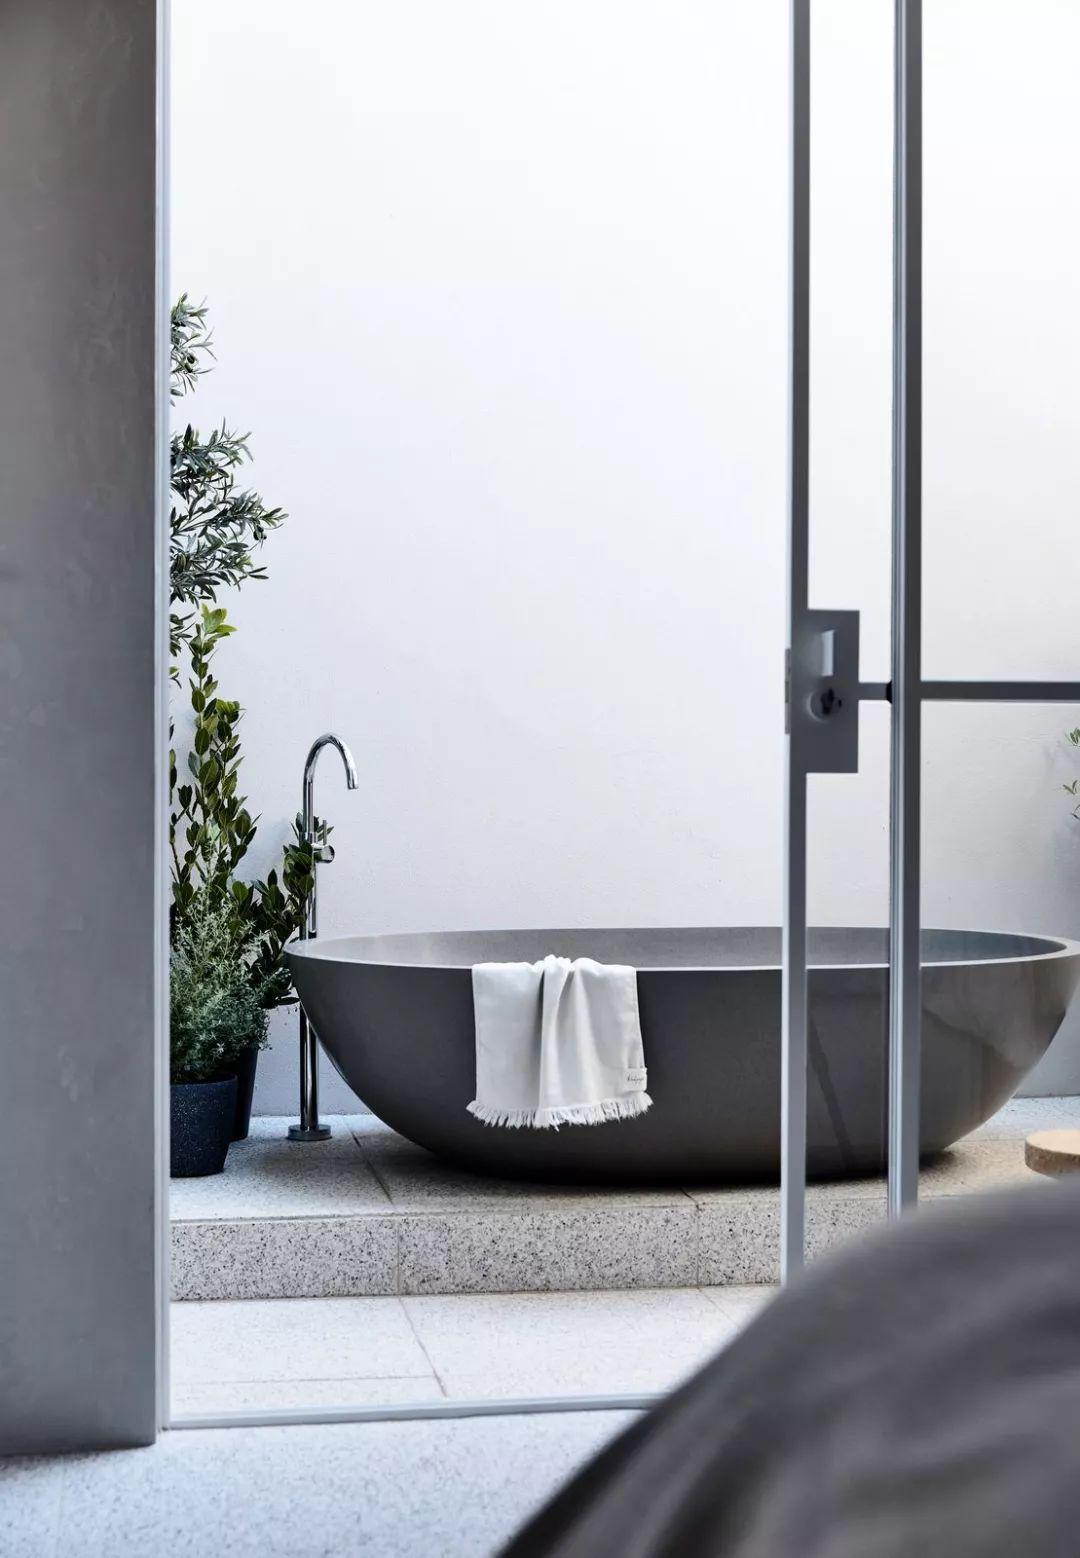 【装修宝典】卫生间做到干湿分离,比美观更重要!